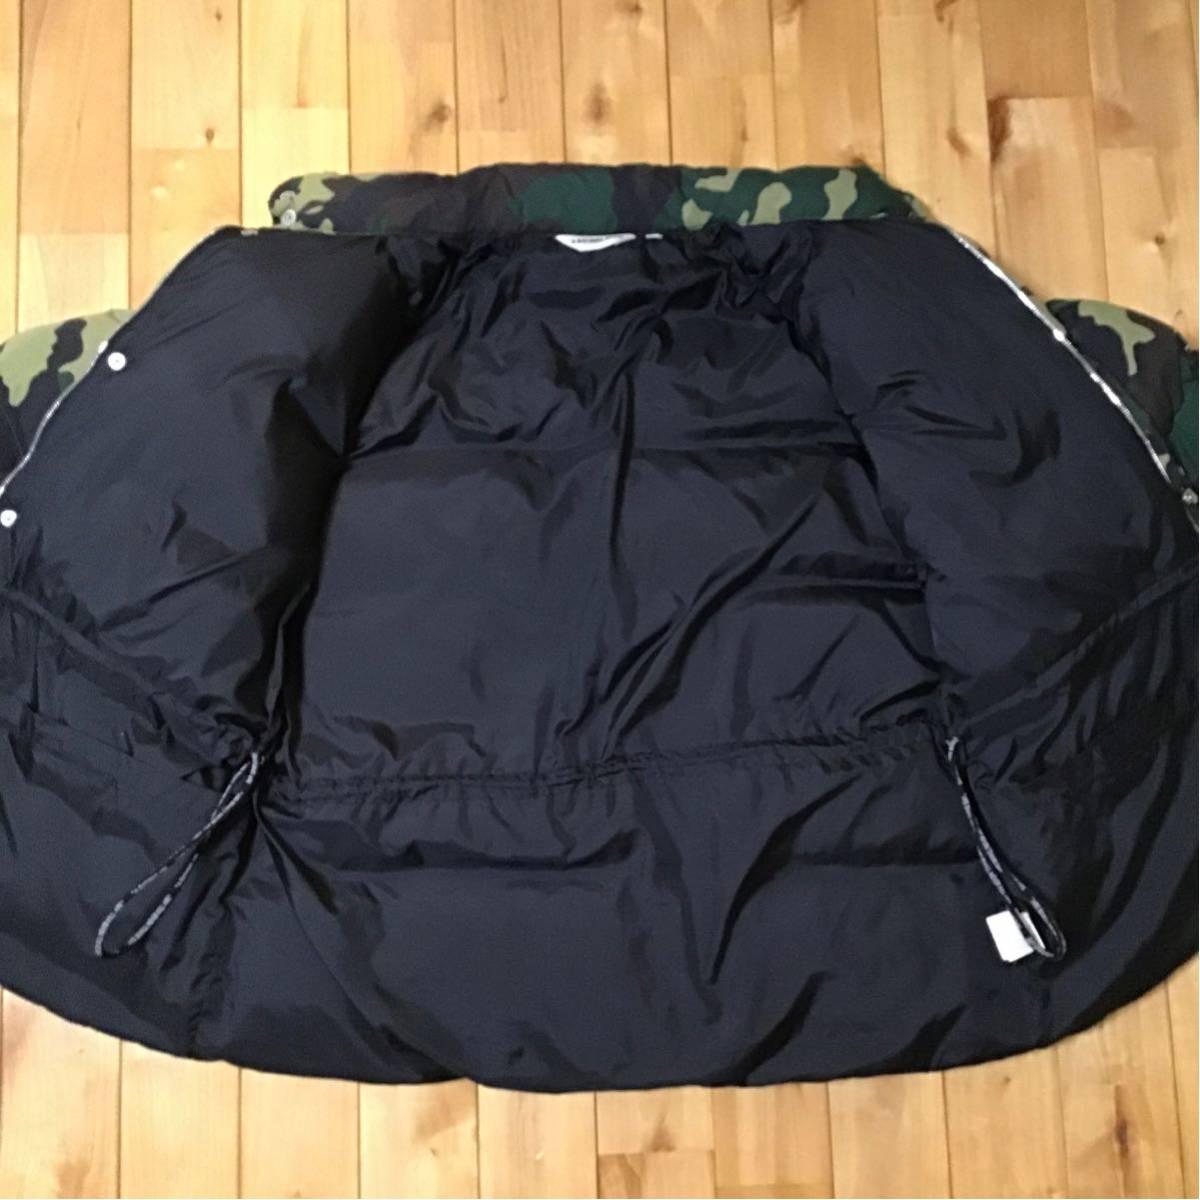 ★XL★ woodland camo ダウンジャケット a bathing ape BAPE down jacket エイプ ベイプ アベイシングエイプ 迷彩 ウッドランドカモ